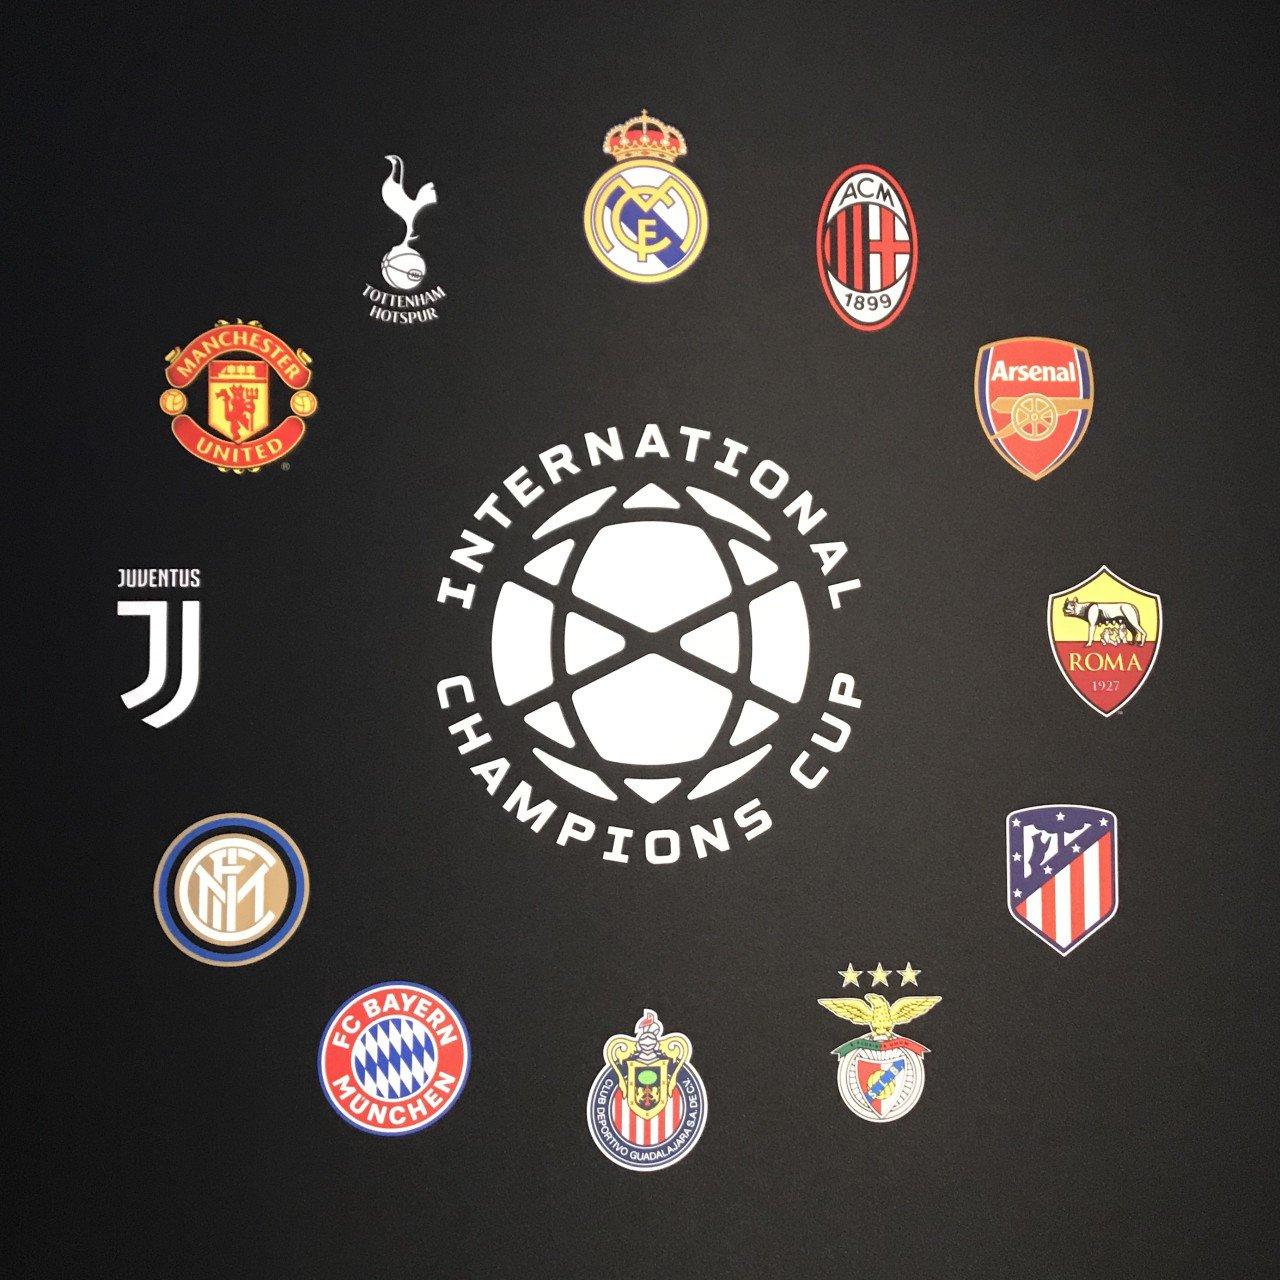 Calendario Icc.Calendario International Champions Cup 2019 Juve Inter